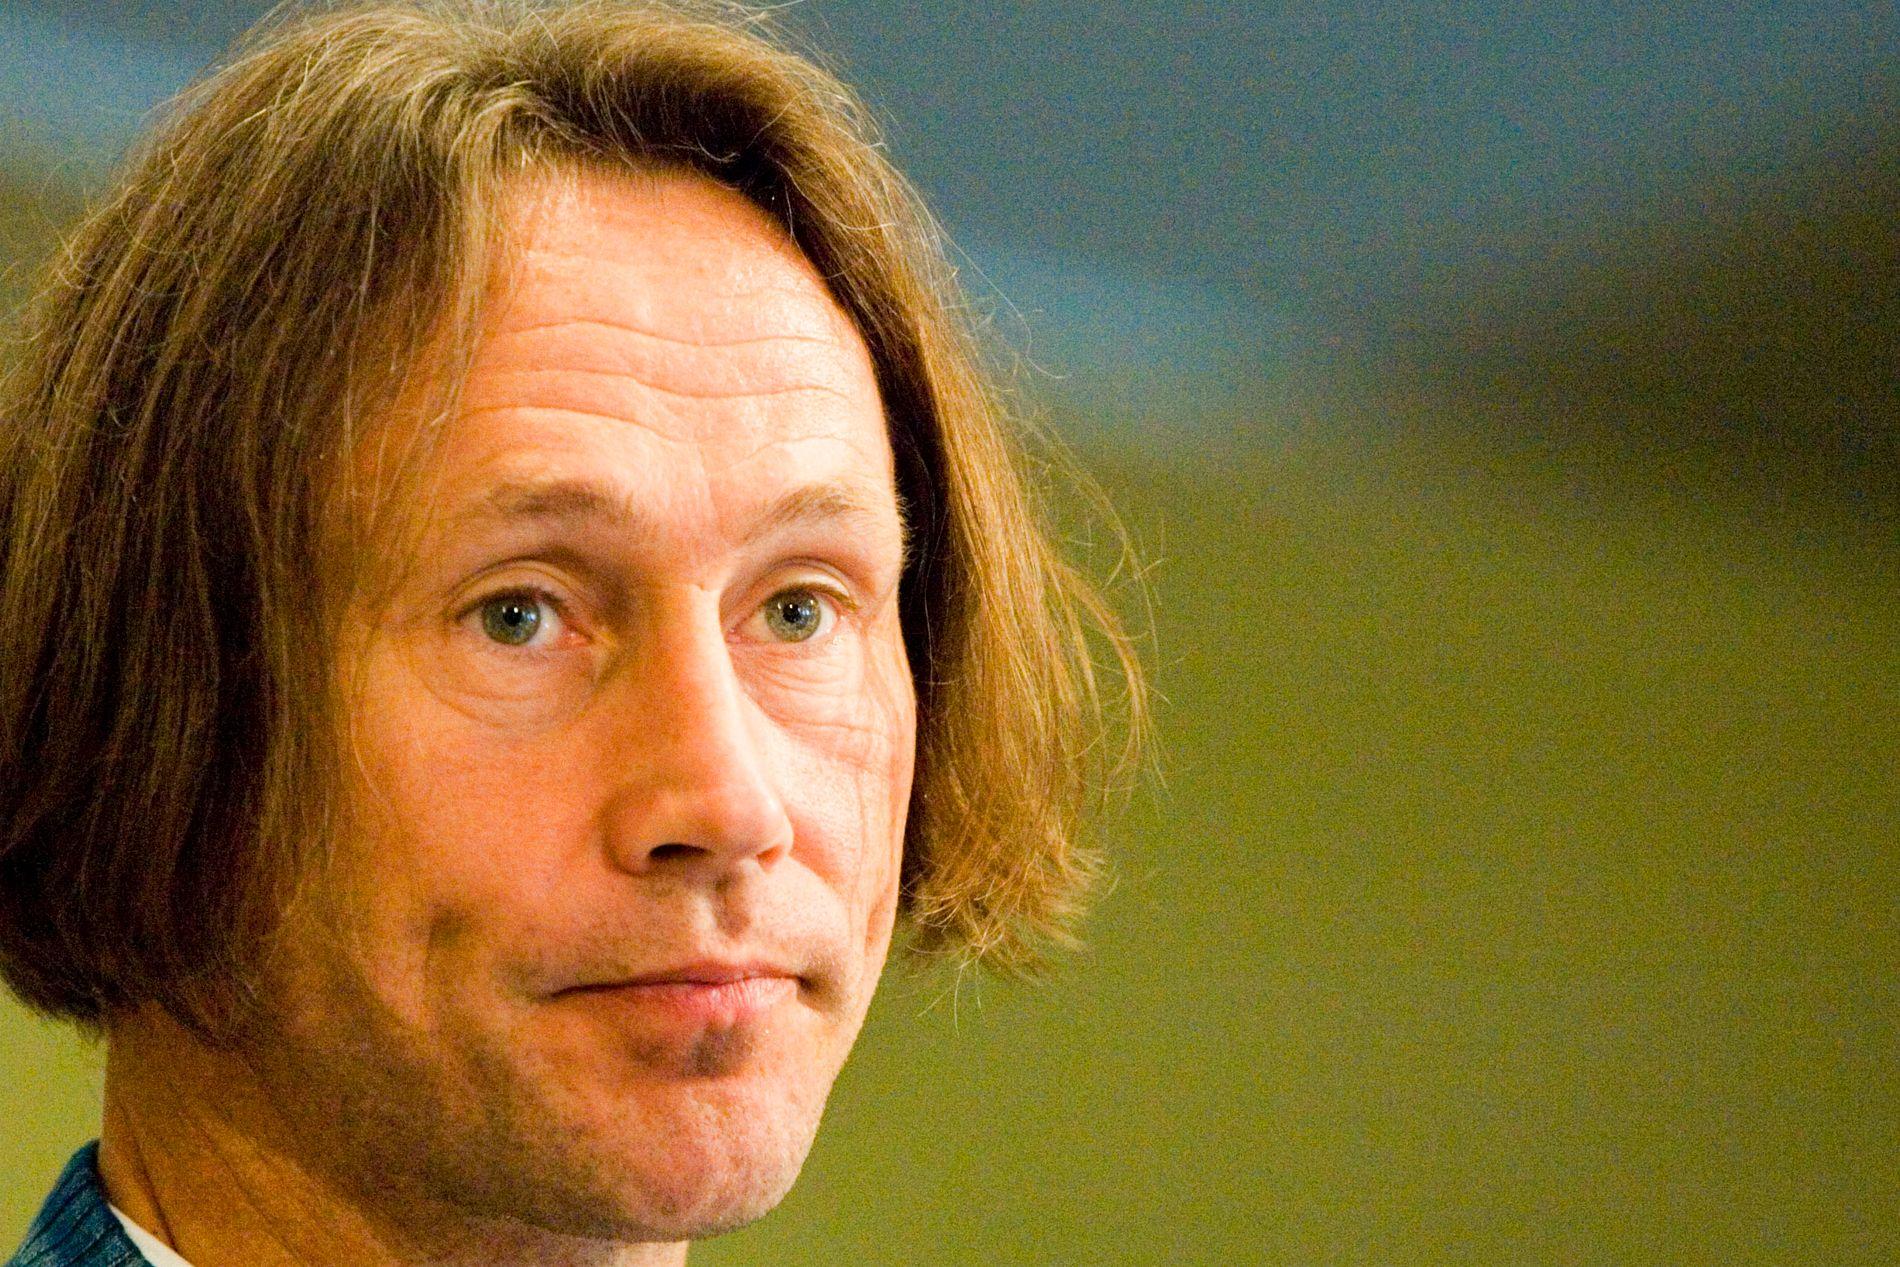 SIKTET: Alf Henrik Christensen er siktet i en grov narkotikasak. Bildet er fra 2006.